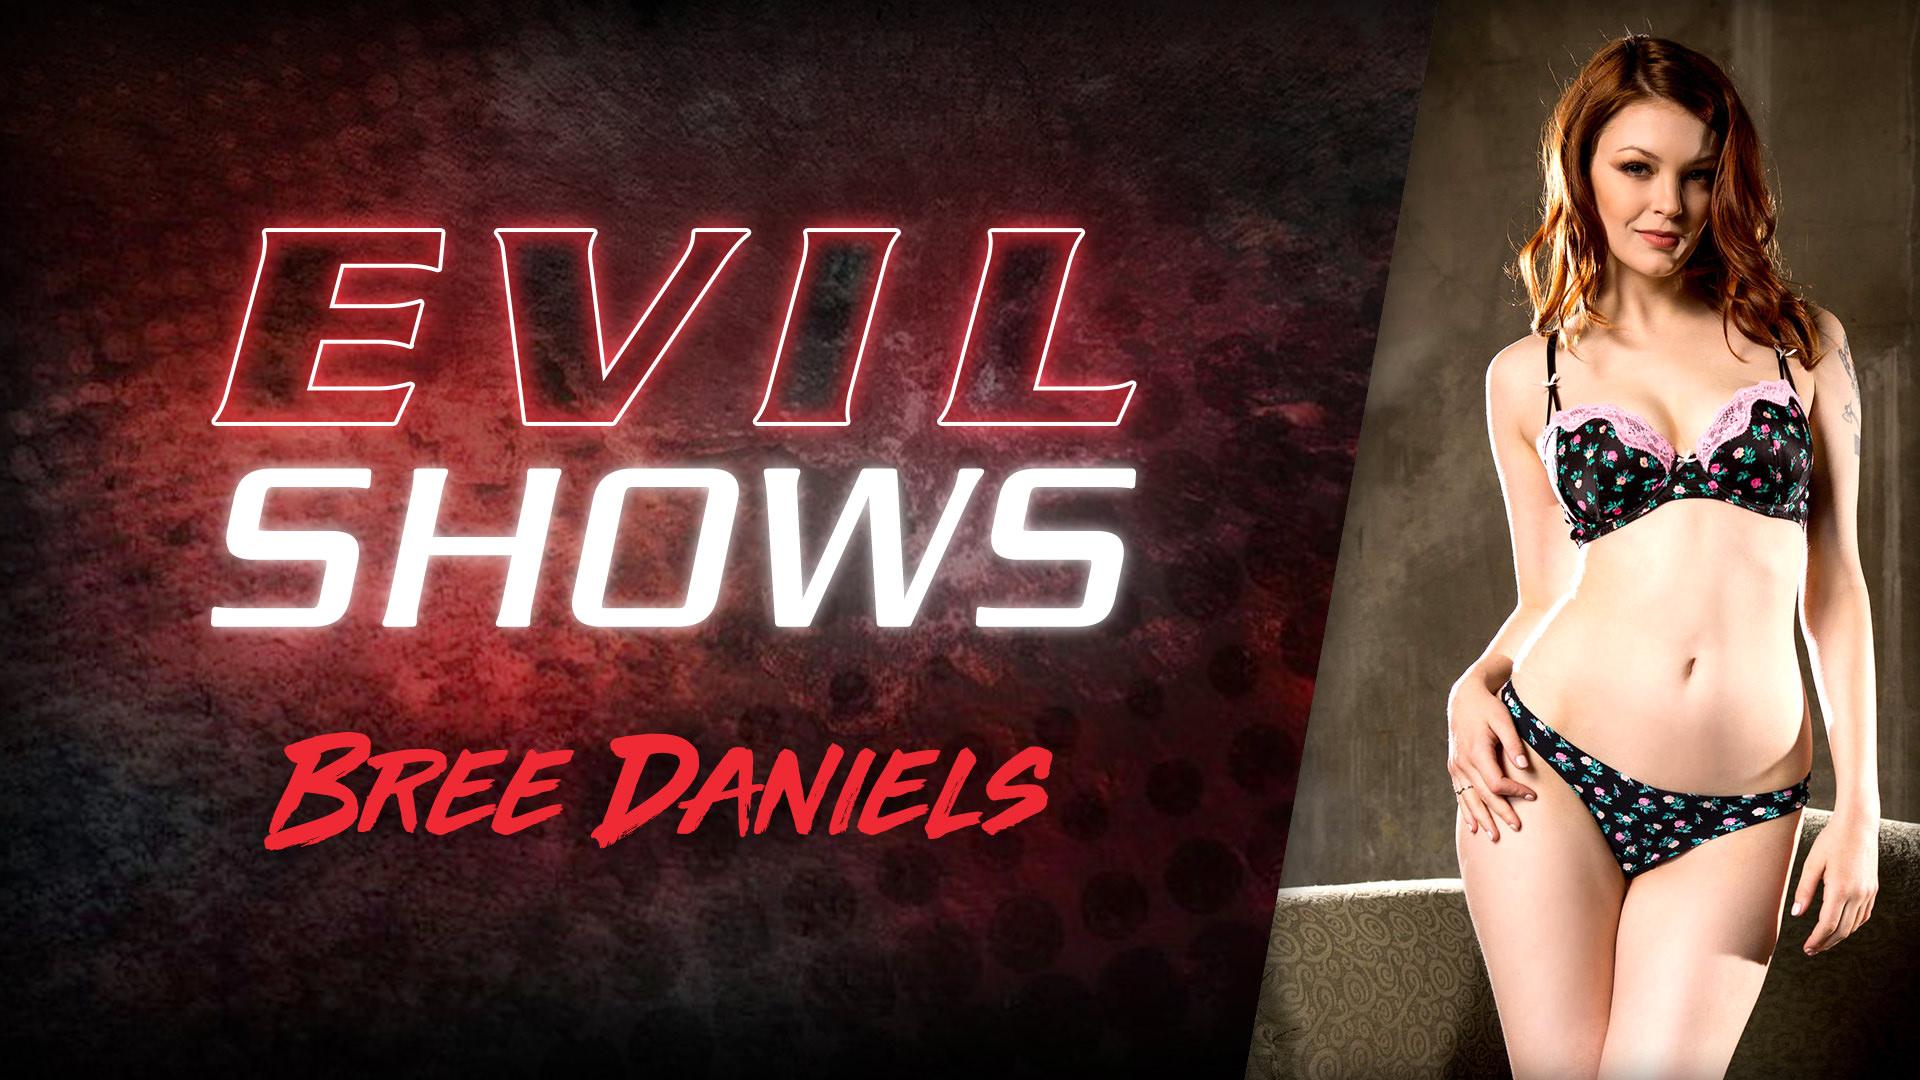 Evil Shows - Bree Daniels - Bree Daniels 1